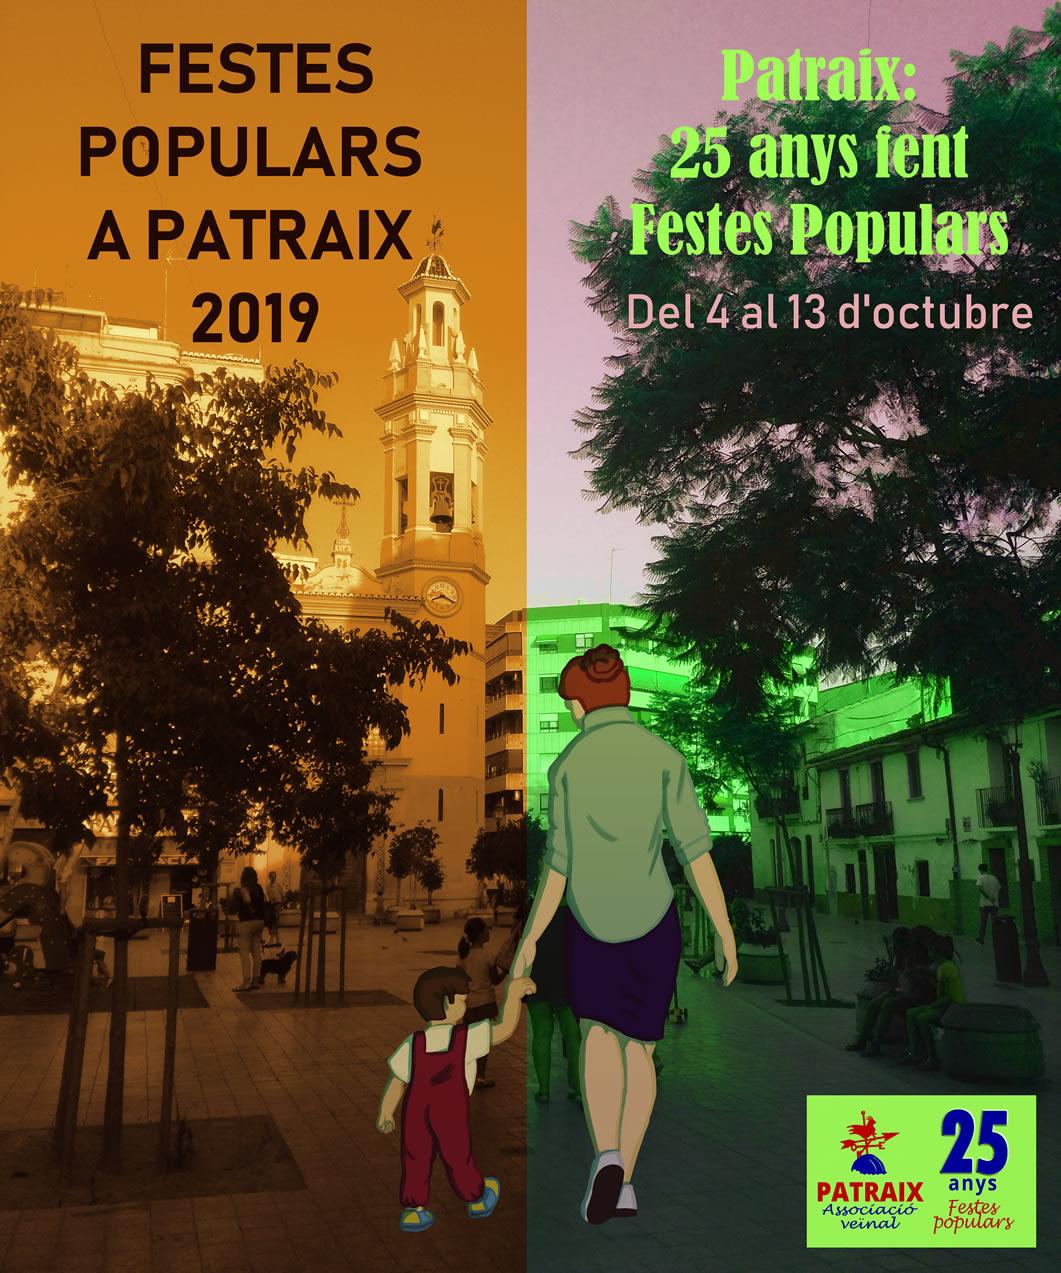 Las Fiestas Populares de Patraix concluyen el domingo con nuevas actividades participativas